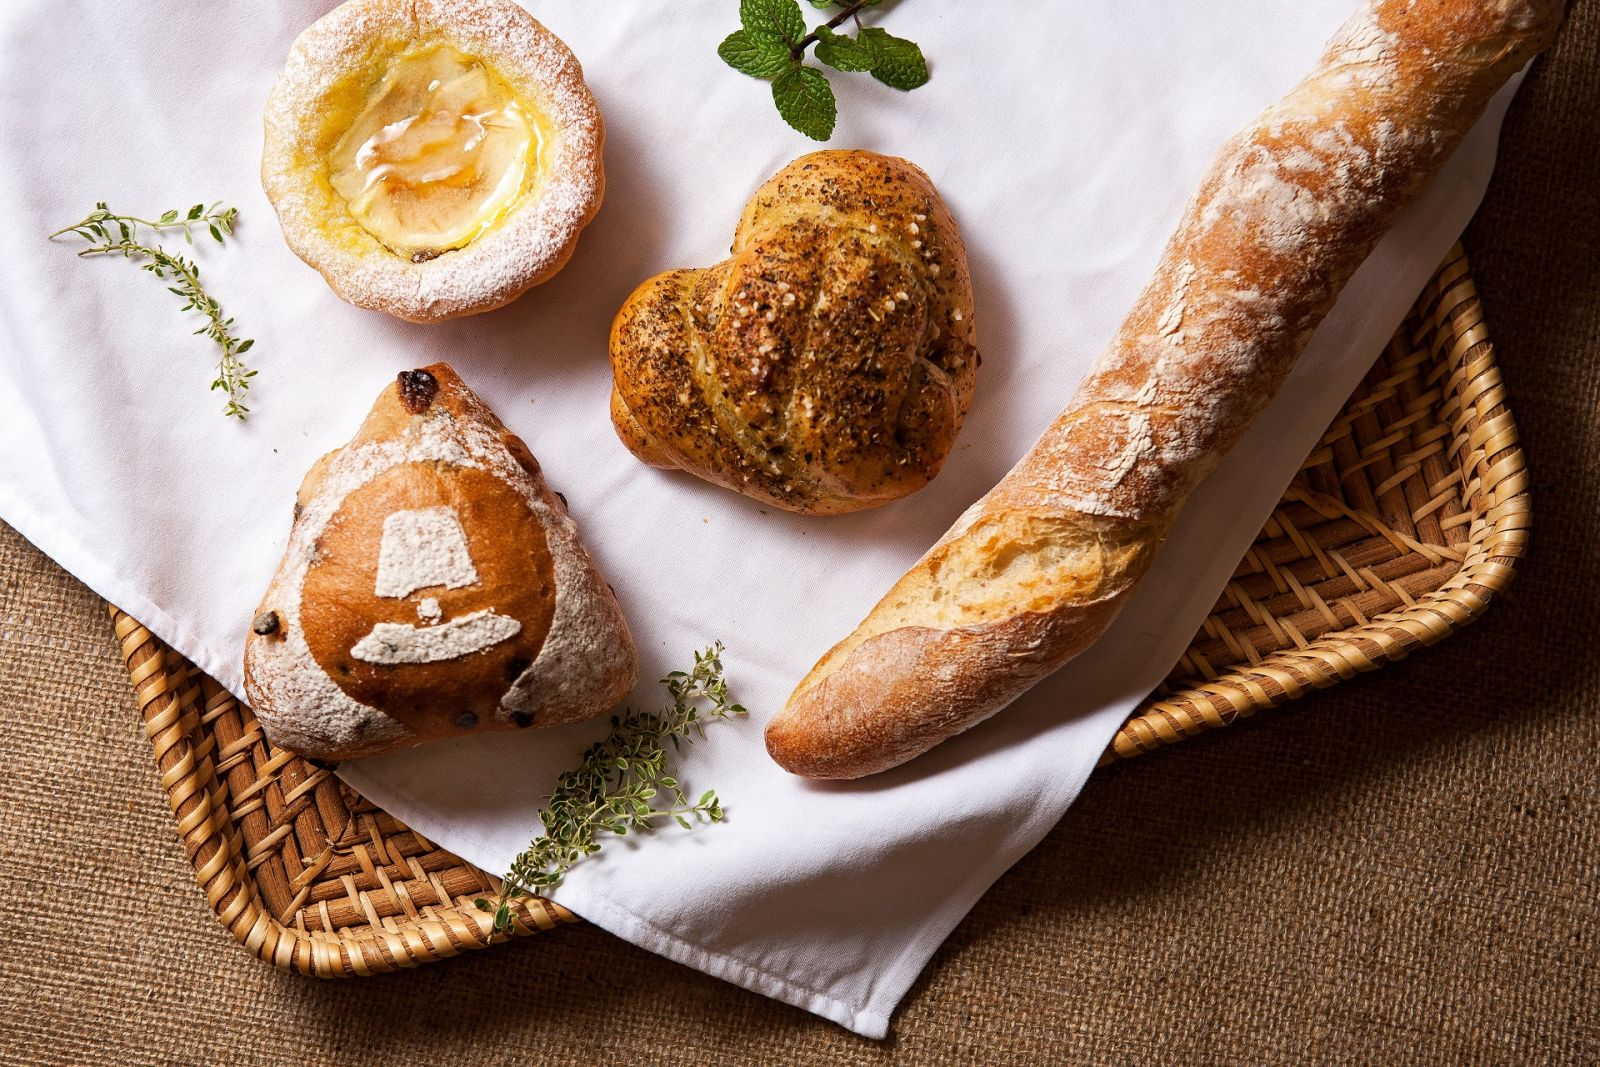 【麵包房公告】5/1起不接受預訂當日取貨麵包